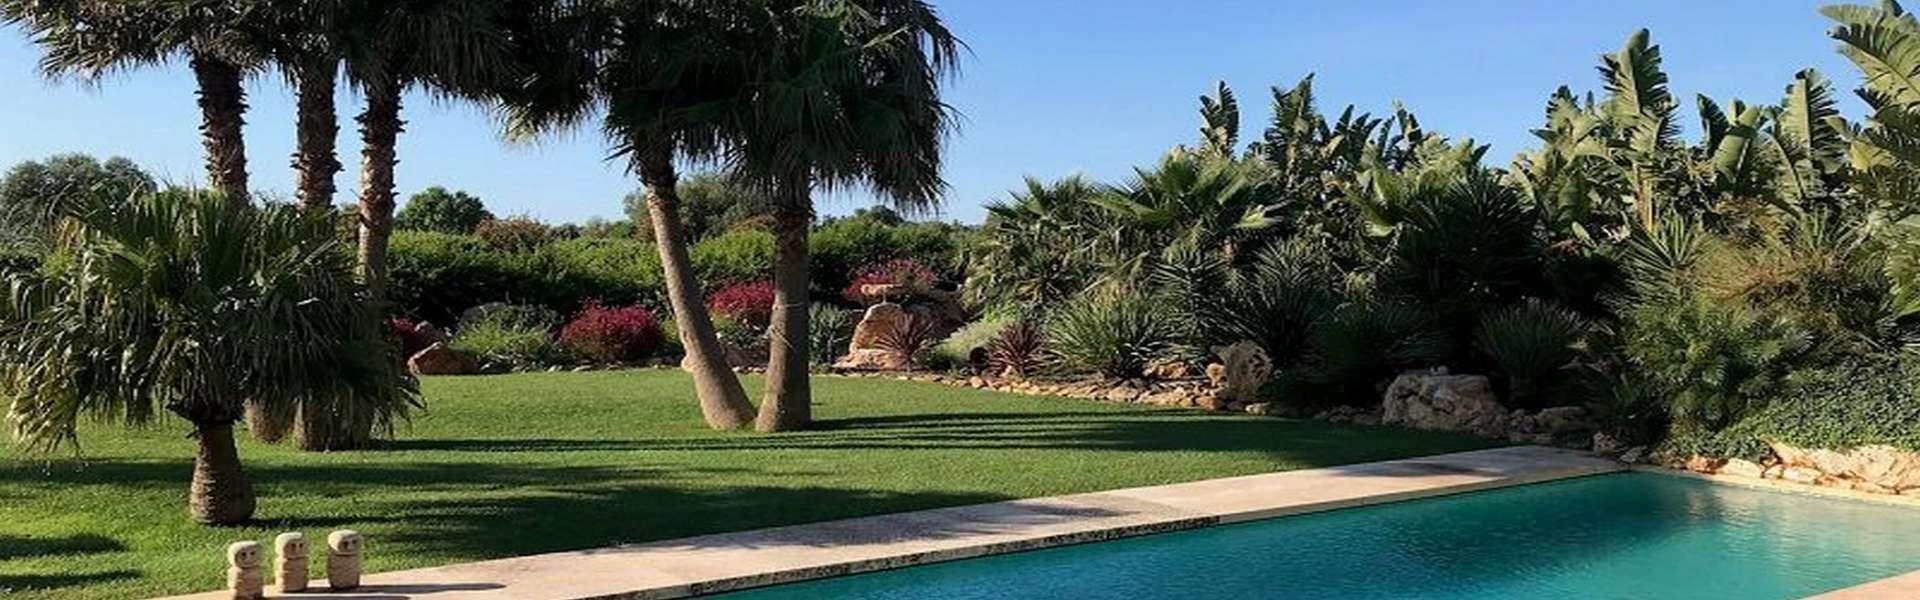 Amplia casa de campo cerca de Ses Salines con un gran jardín